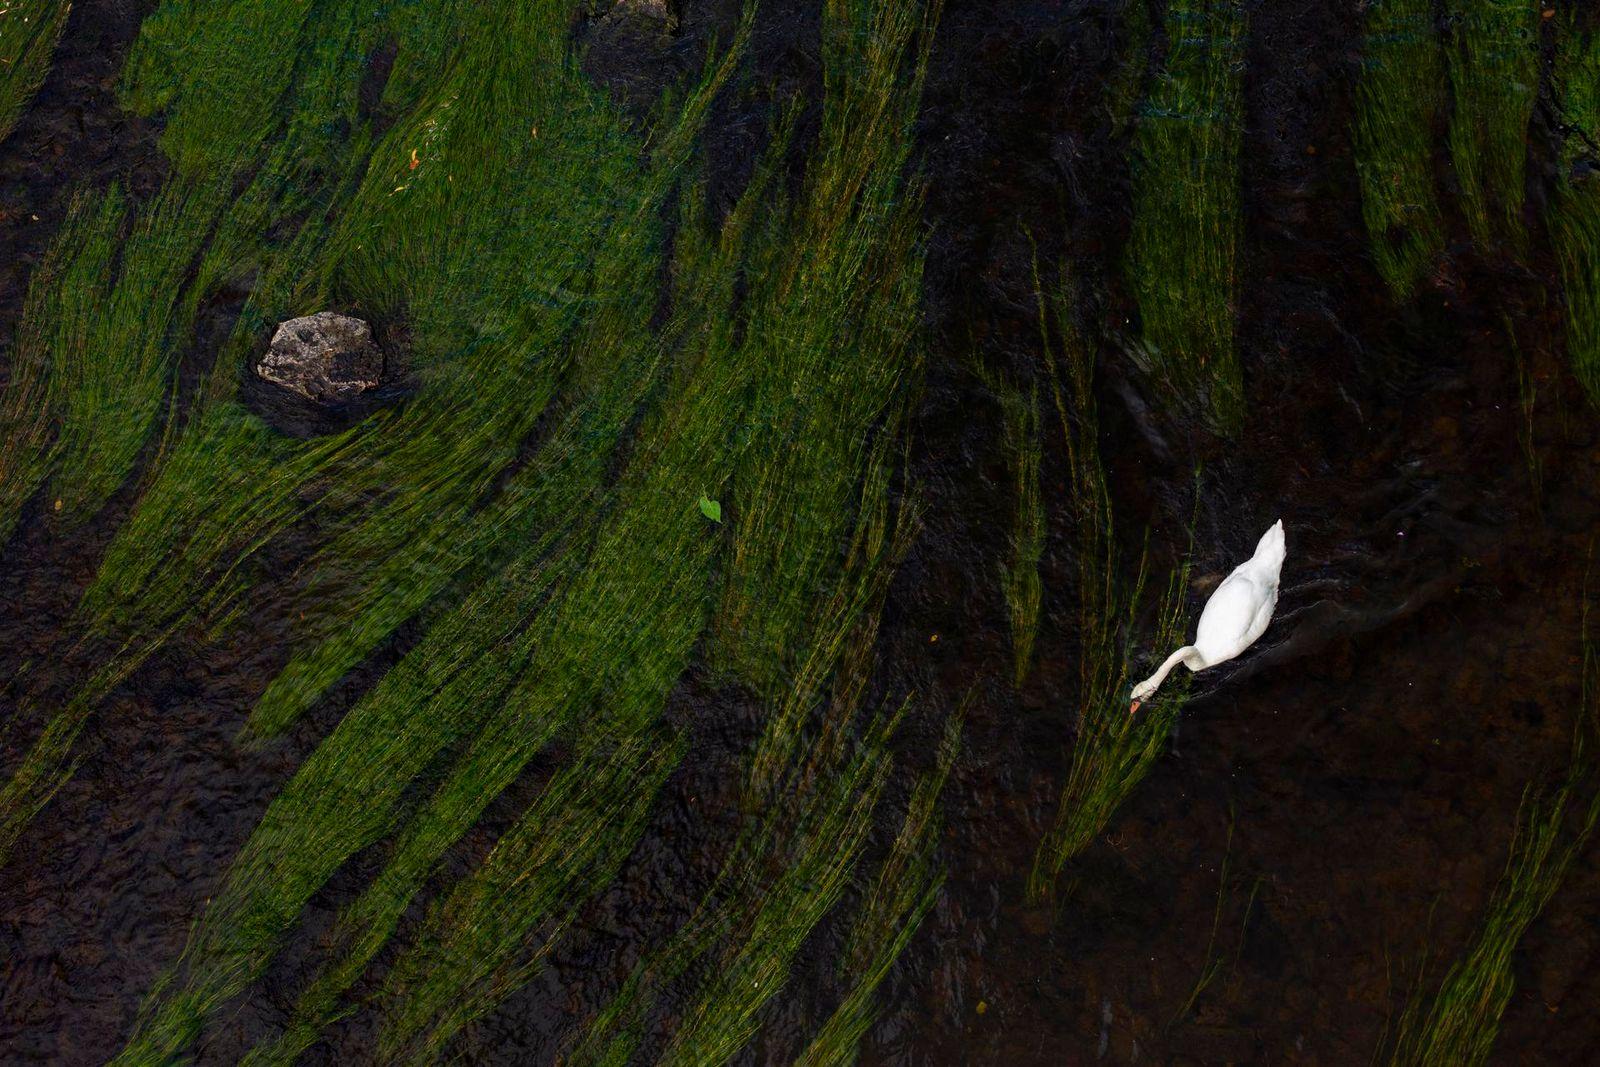 Swan Feeding on the River Wye